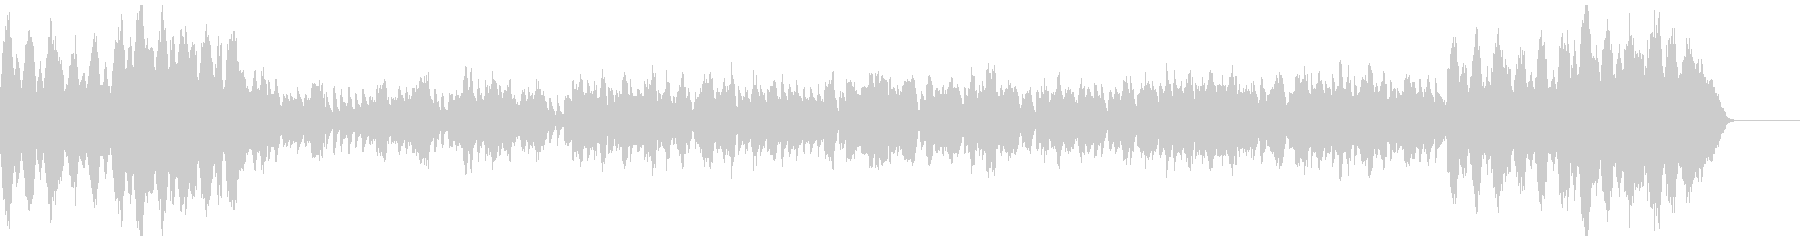 RV565_2『ラルゴ』ヴィヴァルディの未再生の波形